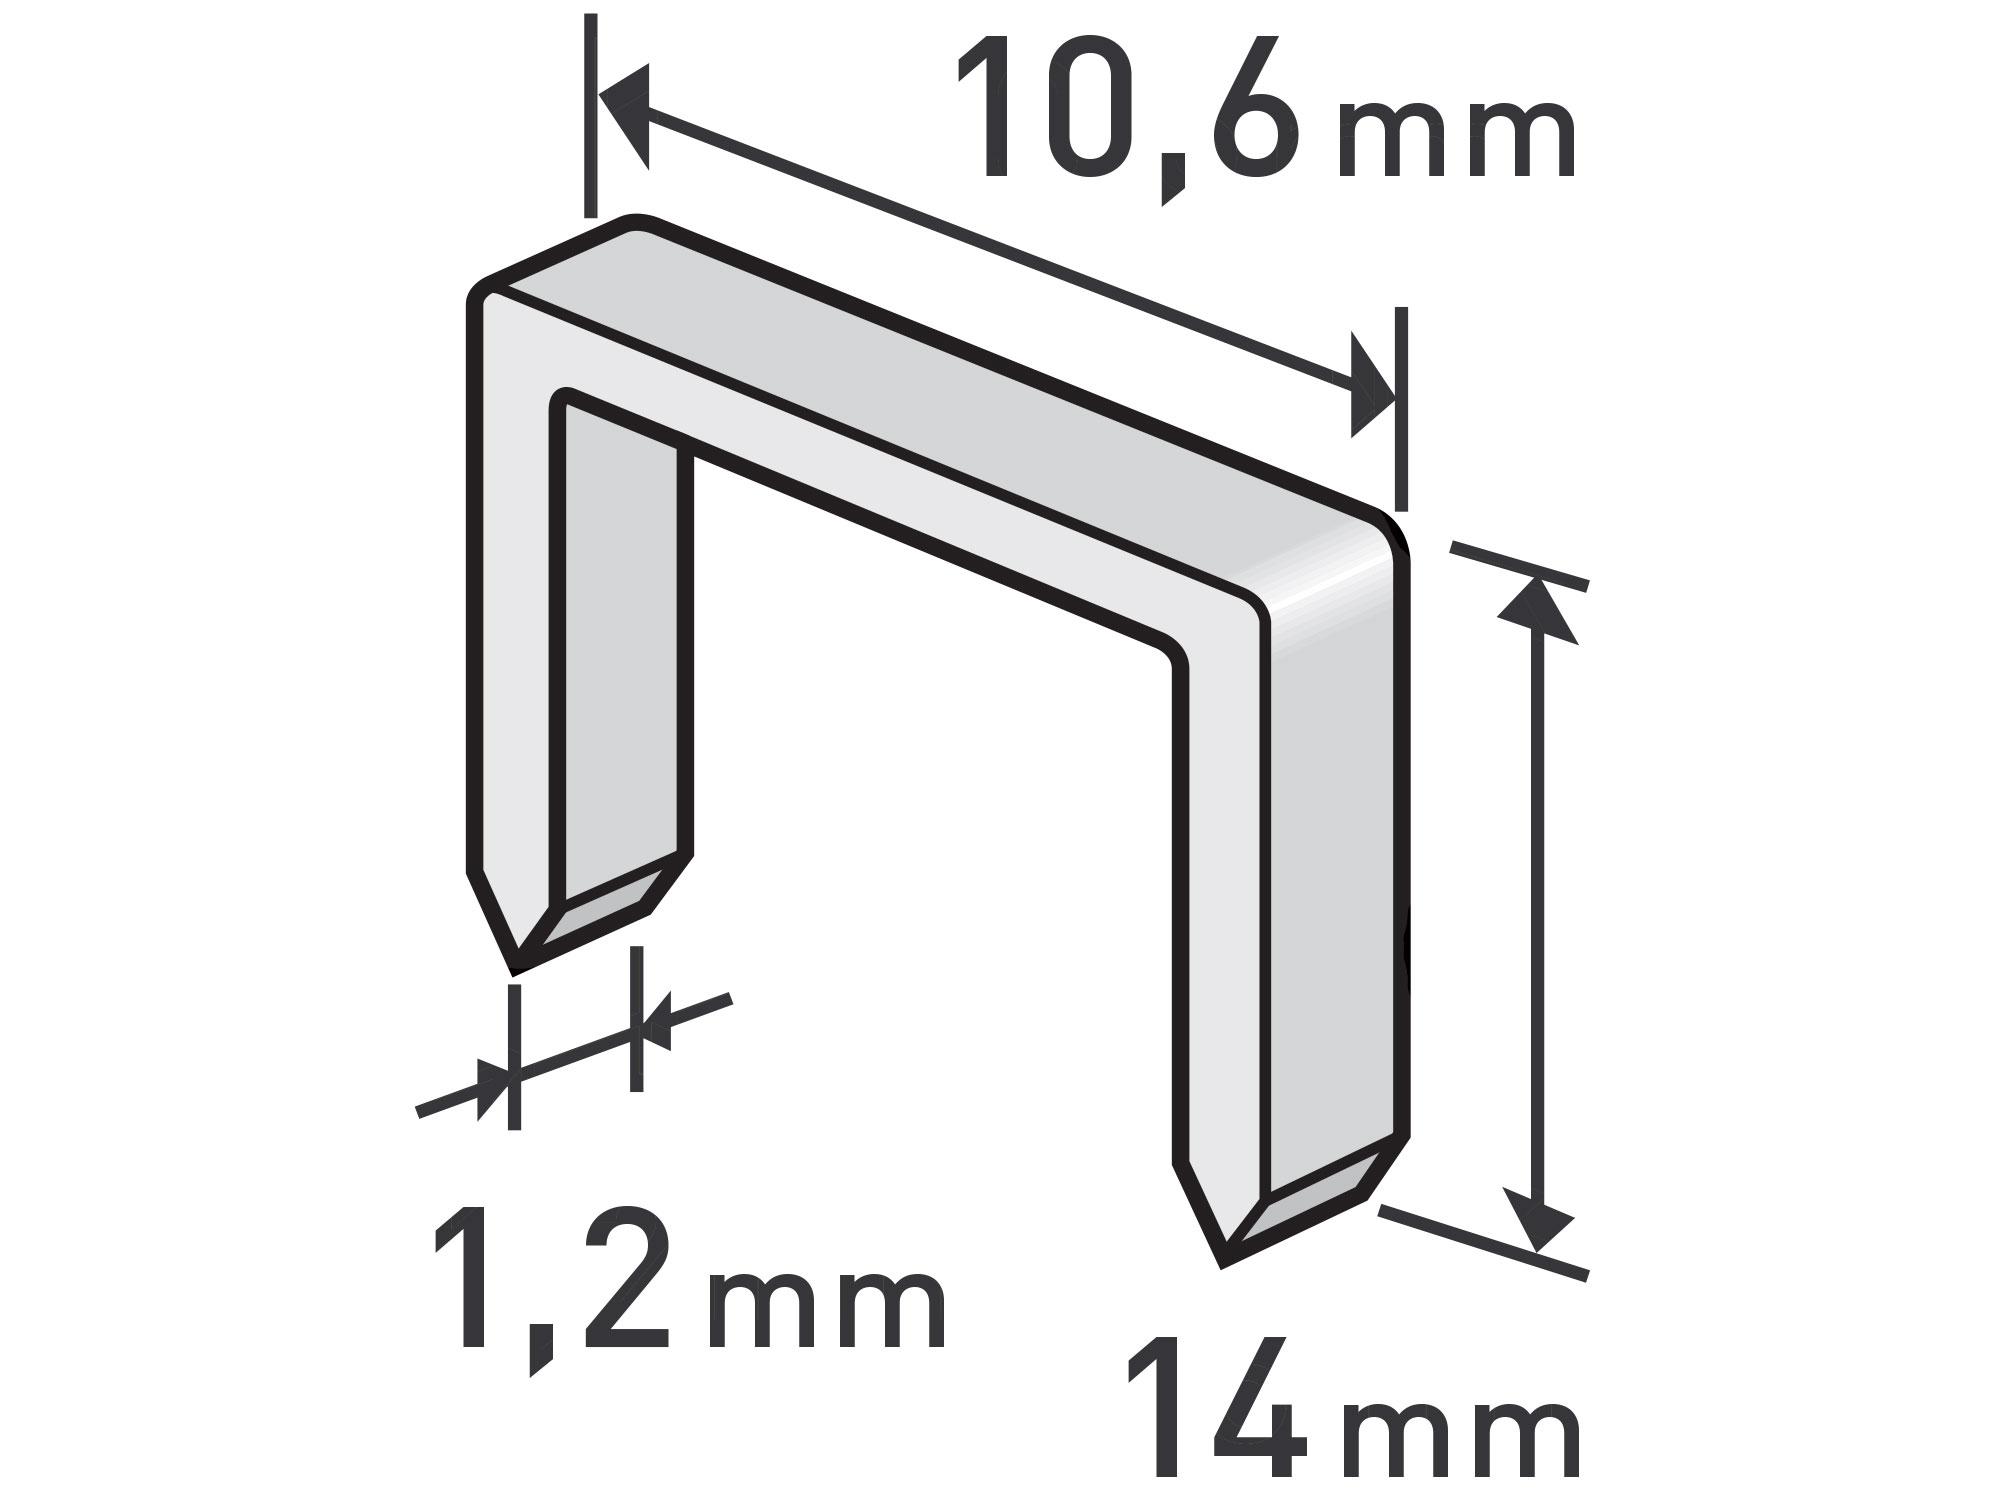 spony, balení 1000ks, 14mm, 10,6x0,52x1,2mm, EXTOL PREMIUM 8852205